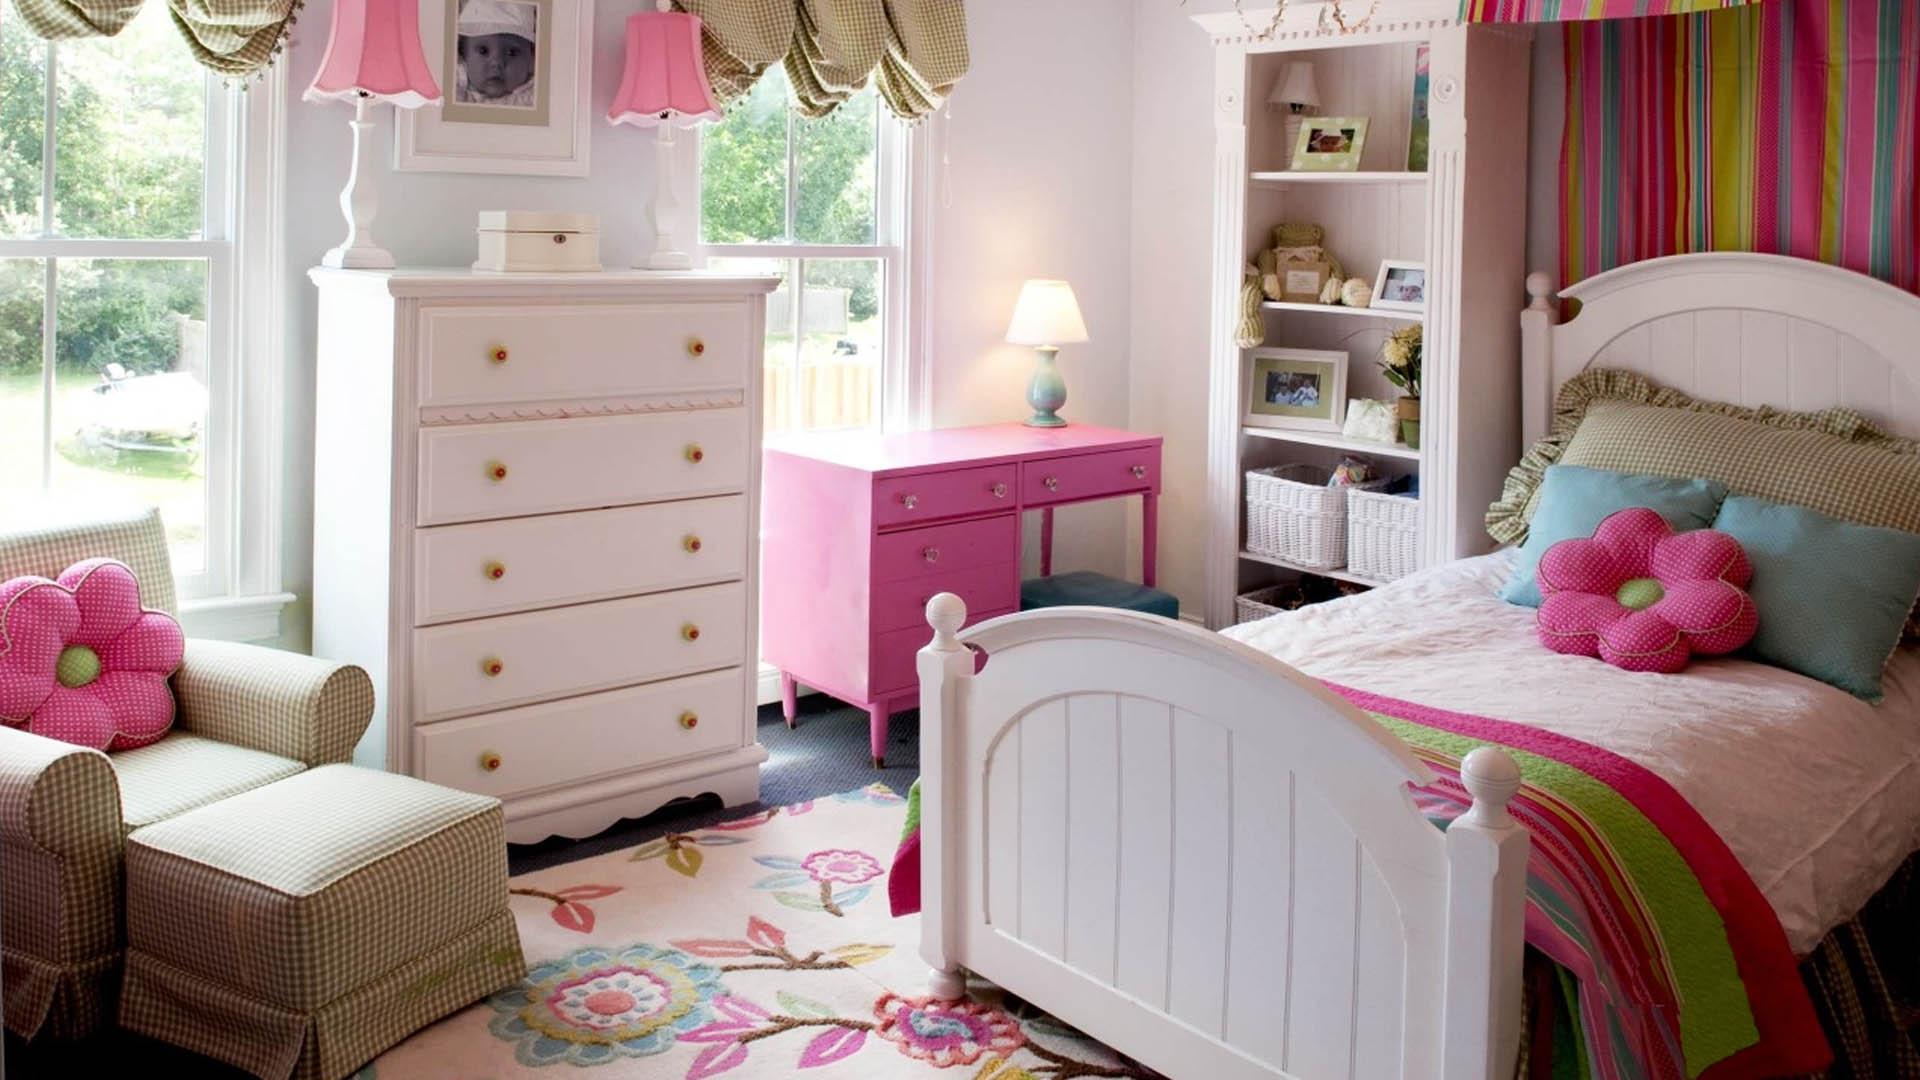 Идеи для детской комнаты для девочек 7 лет фото